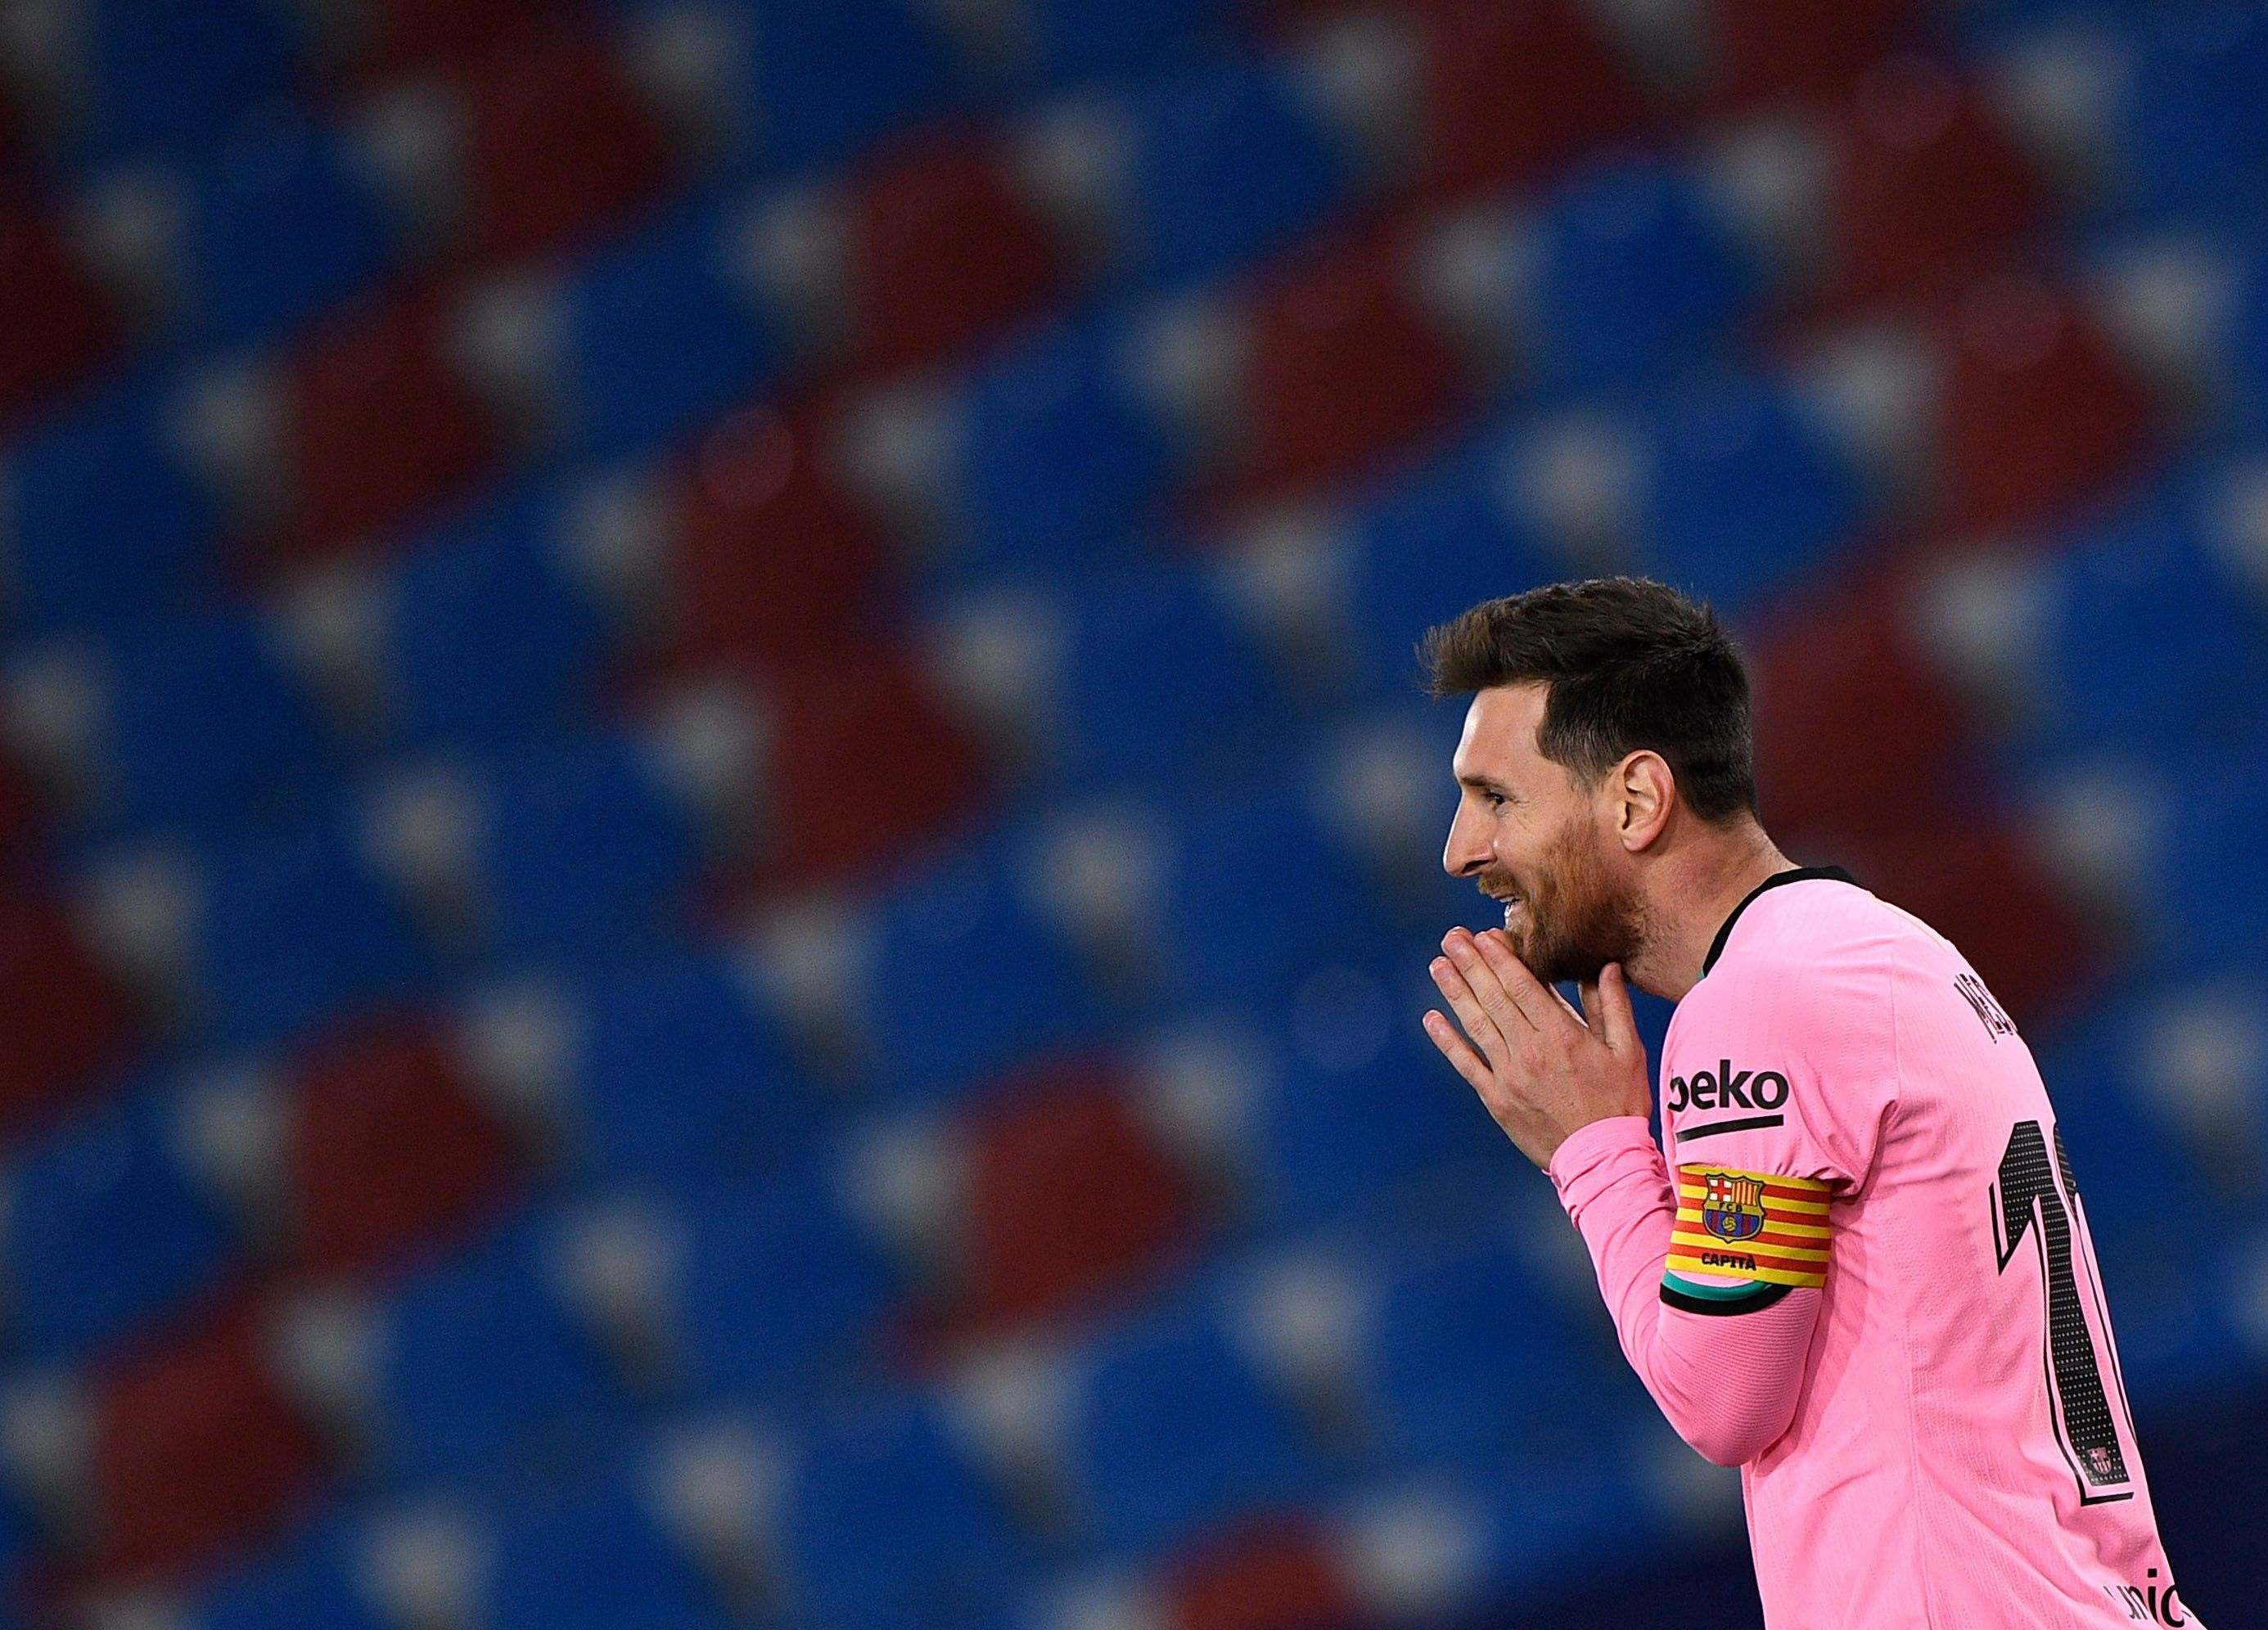 La elección del nuevo entrenador podría ser clave para la renovación de Messi (Reuters)